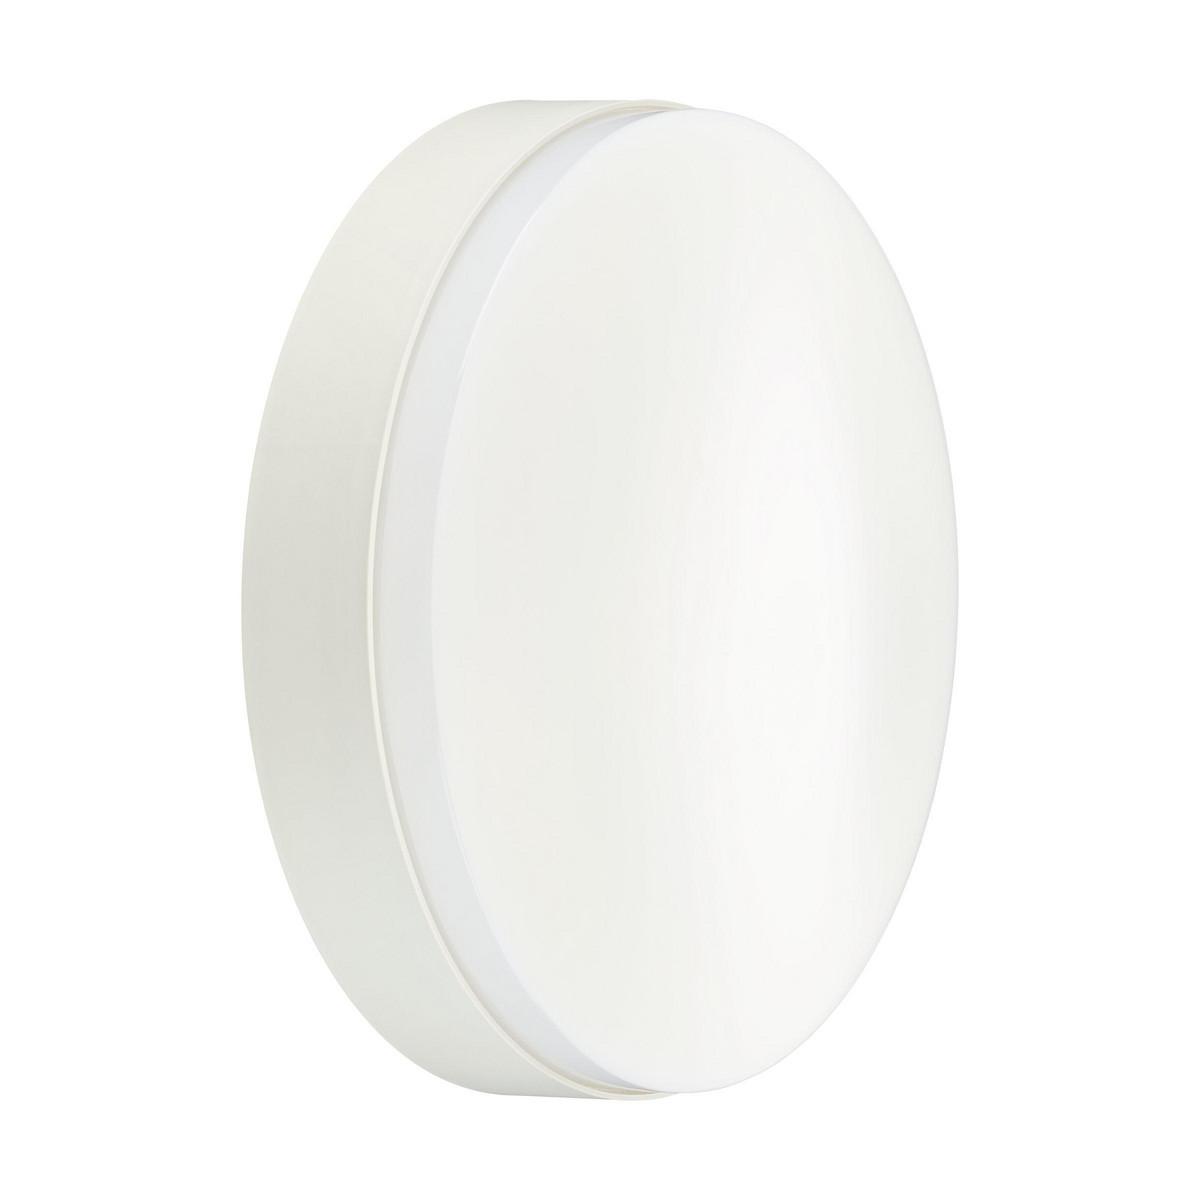 CoreLine Væg/loft Gen2 WL131V 3400lm/830 36W DALI Ø480 Hvid